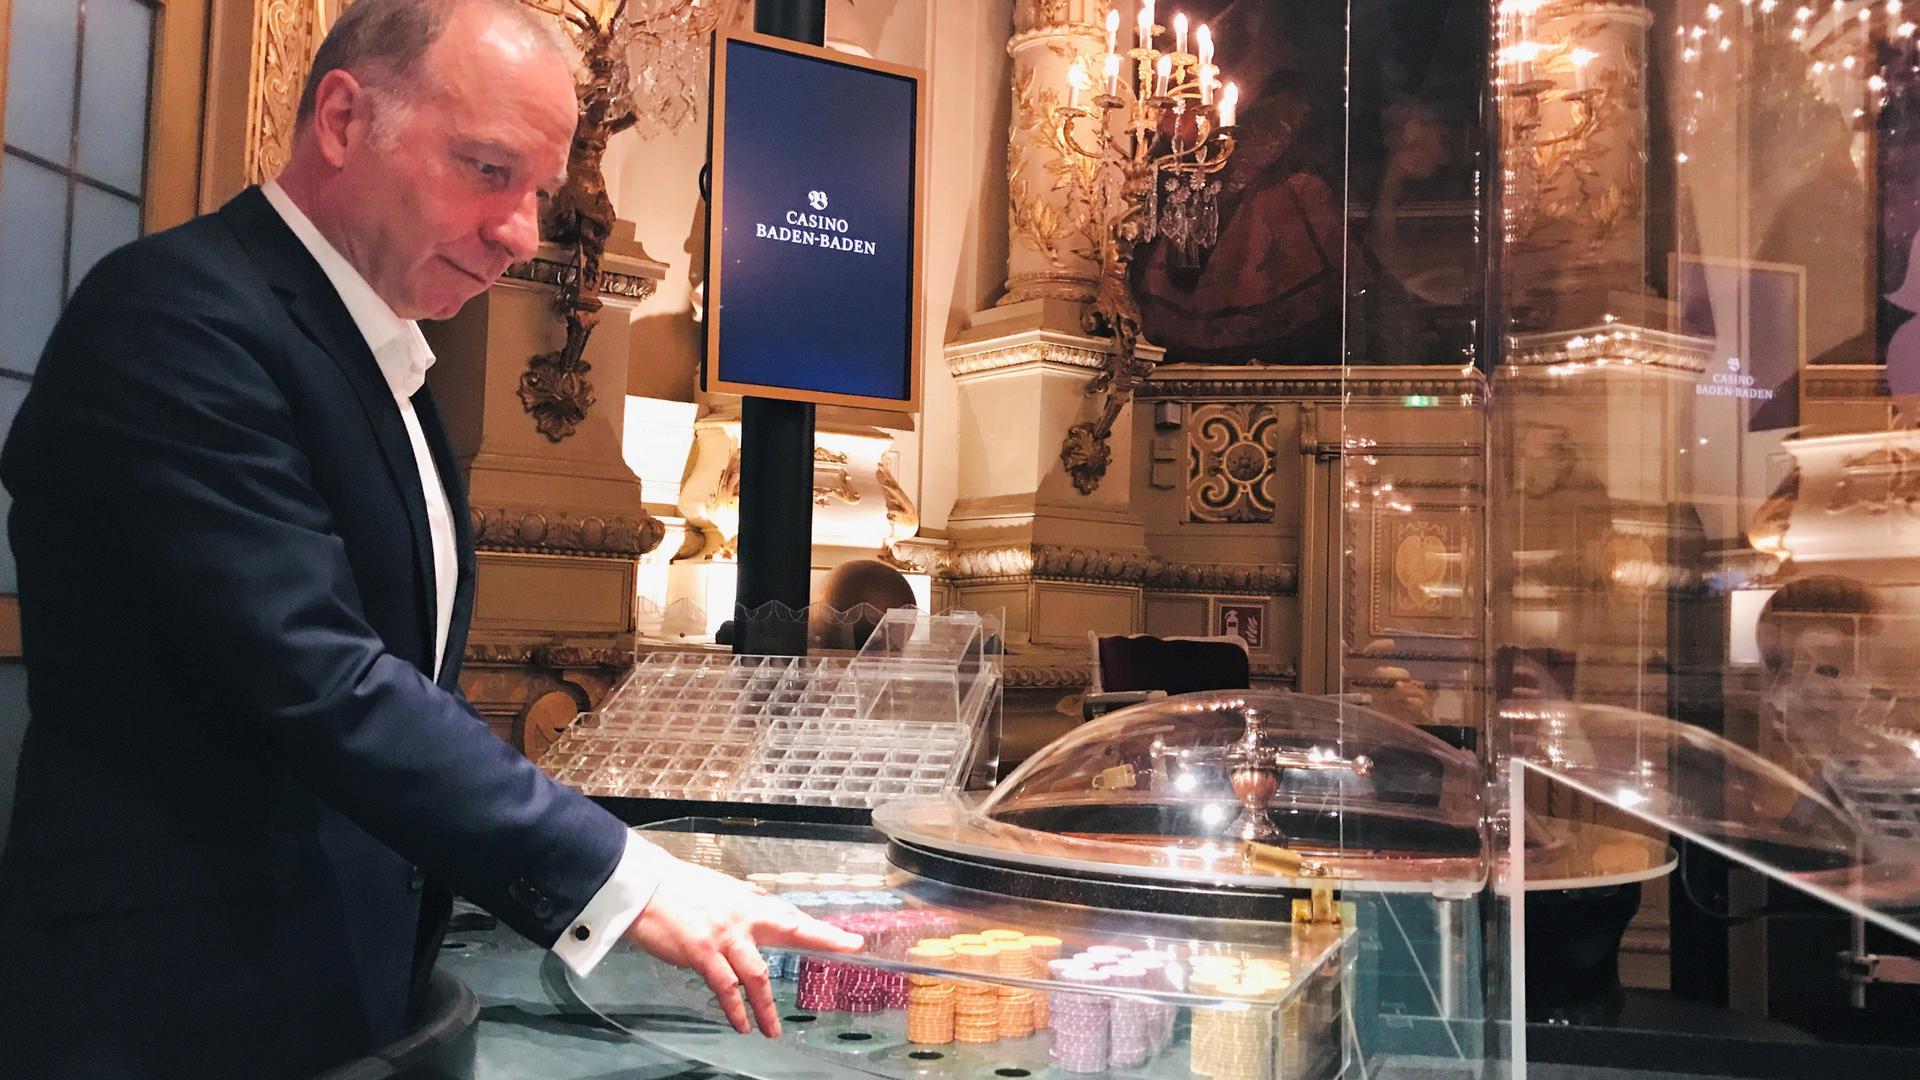 Spielbankchef Thomas Schindler prüft vor dem Neustart nach der Corona-Zwangspause einen Roulettetisch im historischen Florentinersaal des Casinos im Kurhaus Baden-Baden.